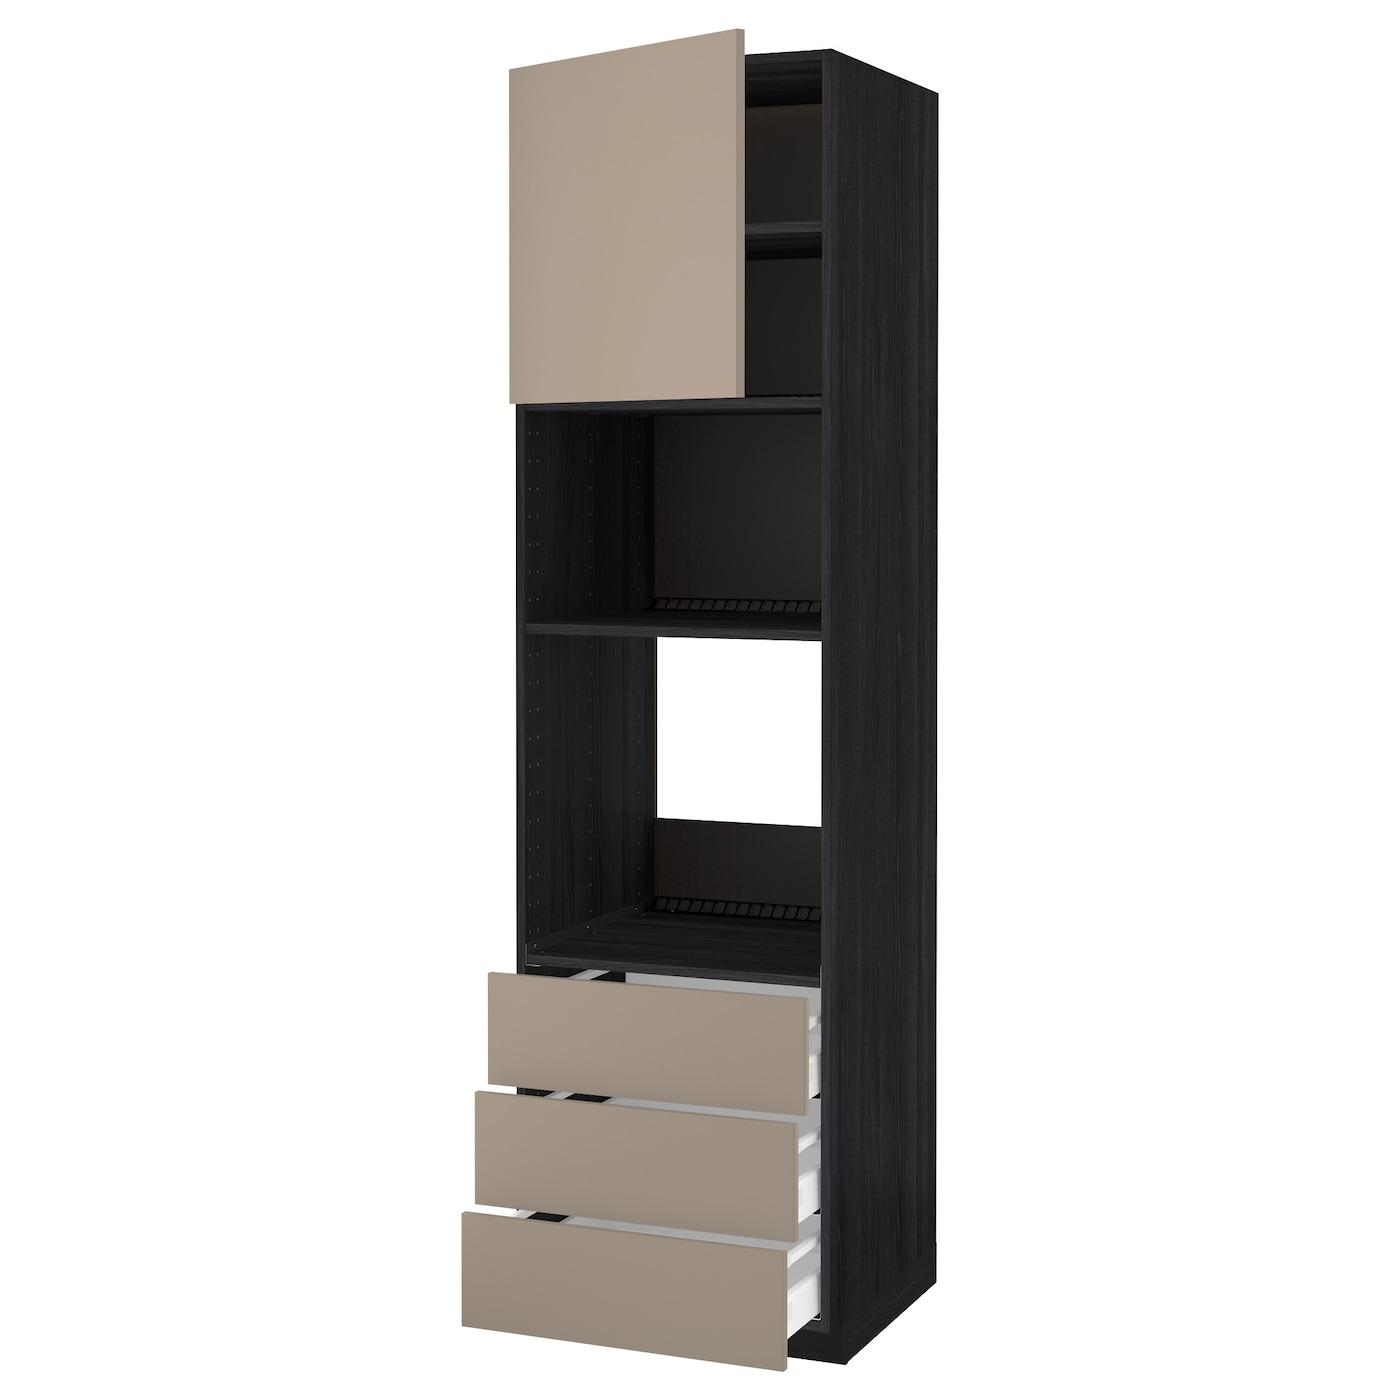 METOD / MAXIMERA, HS für Ofen/Mikro m Tür/3 Schubl, schwarz, dunkelbeige 492.722.02